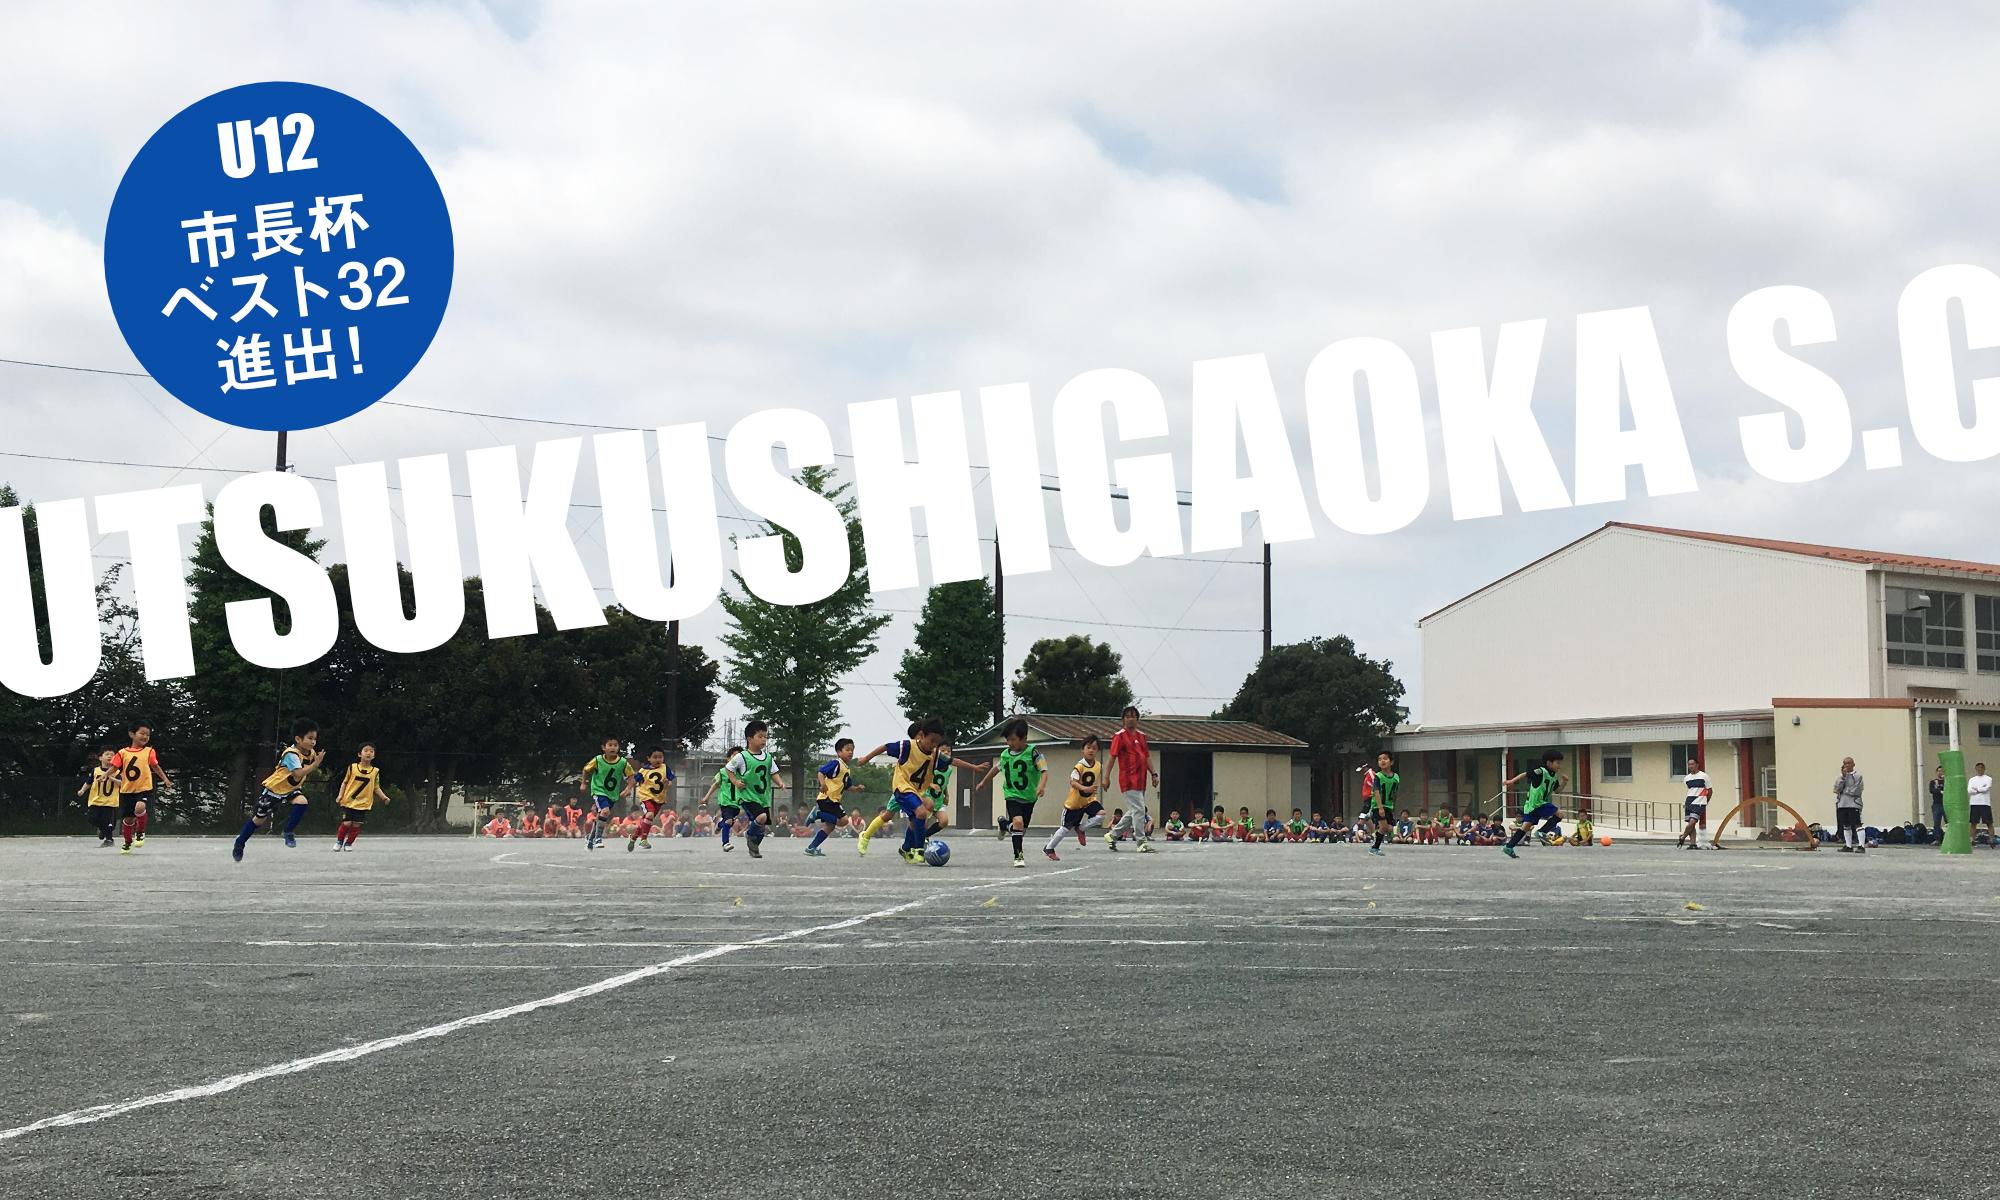 美しが丘サッカークラブ|UTSUKUSHIGAOKA S.C.